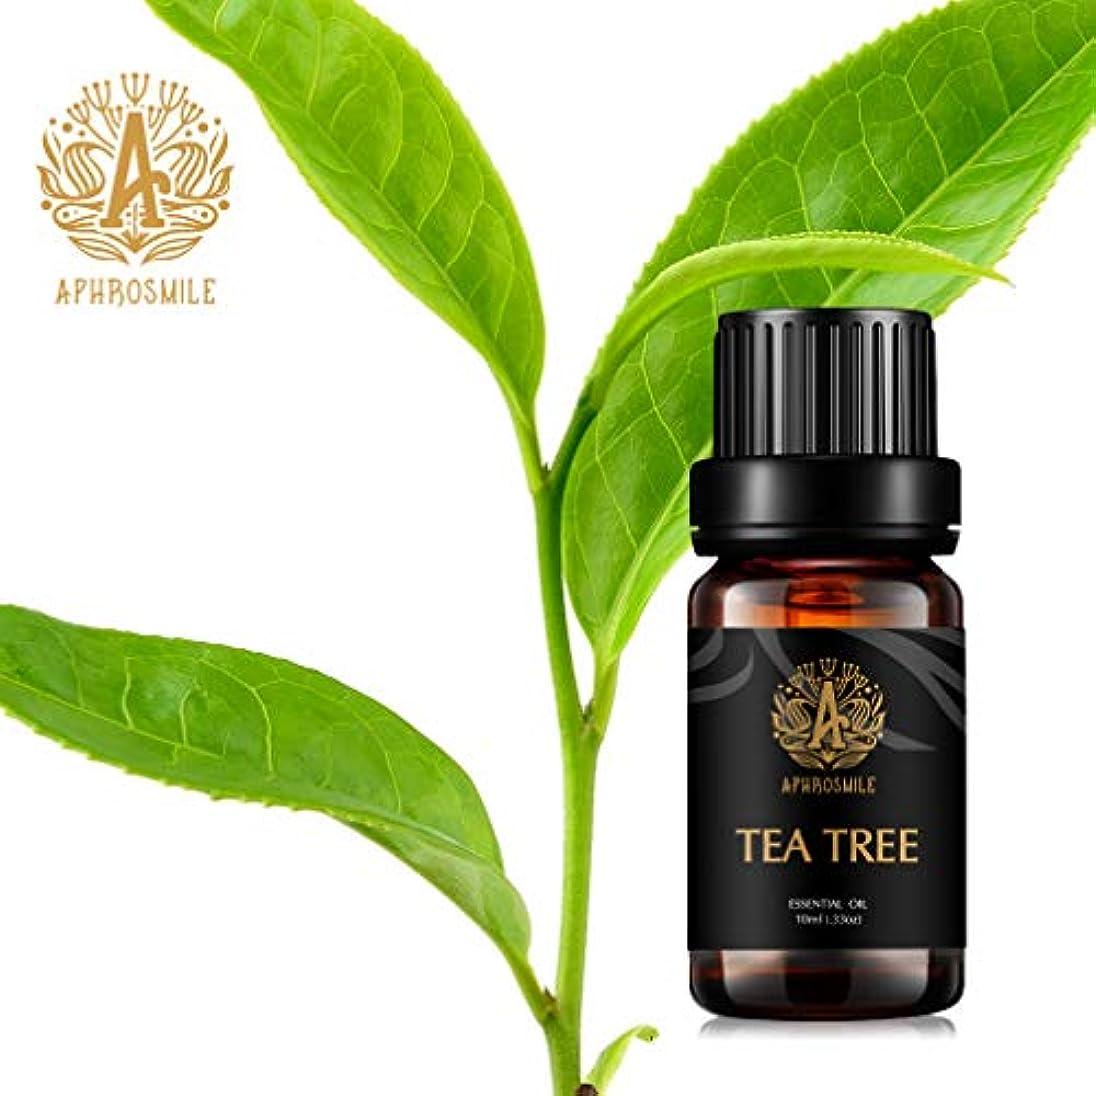 つかいます商業の記述するティーツリーの精油、100%純粋なアロマセラピーエッセンシャルオイルティーツリーの香りは、ストレスを解消、治療用グレードエッセンシャルオイルティーツリーの香り、のためディフューザー、マッサージ、加湿器、デイリーケア、0.33オンス-10ml